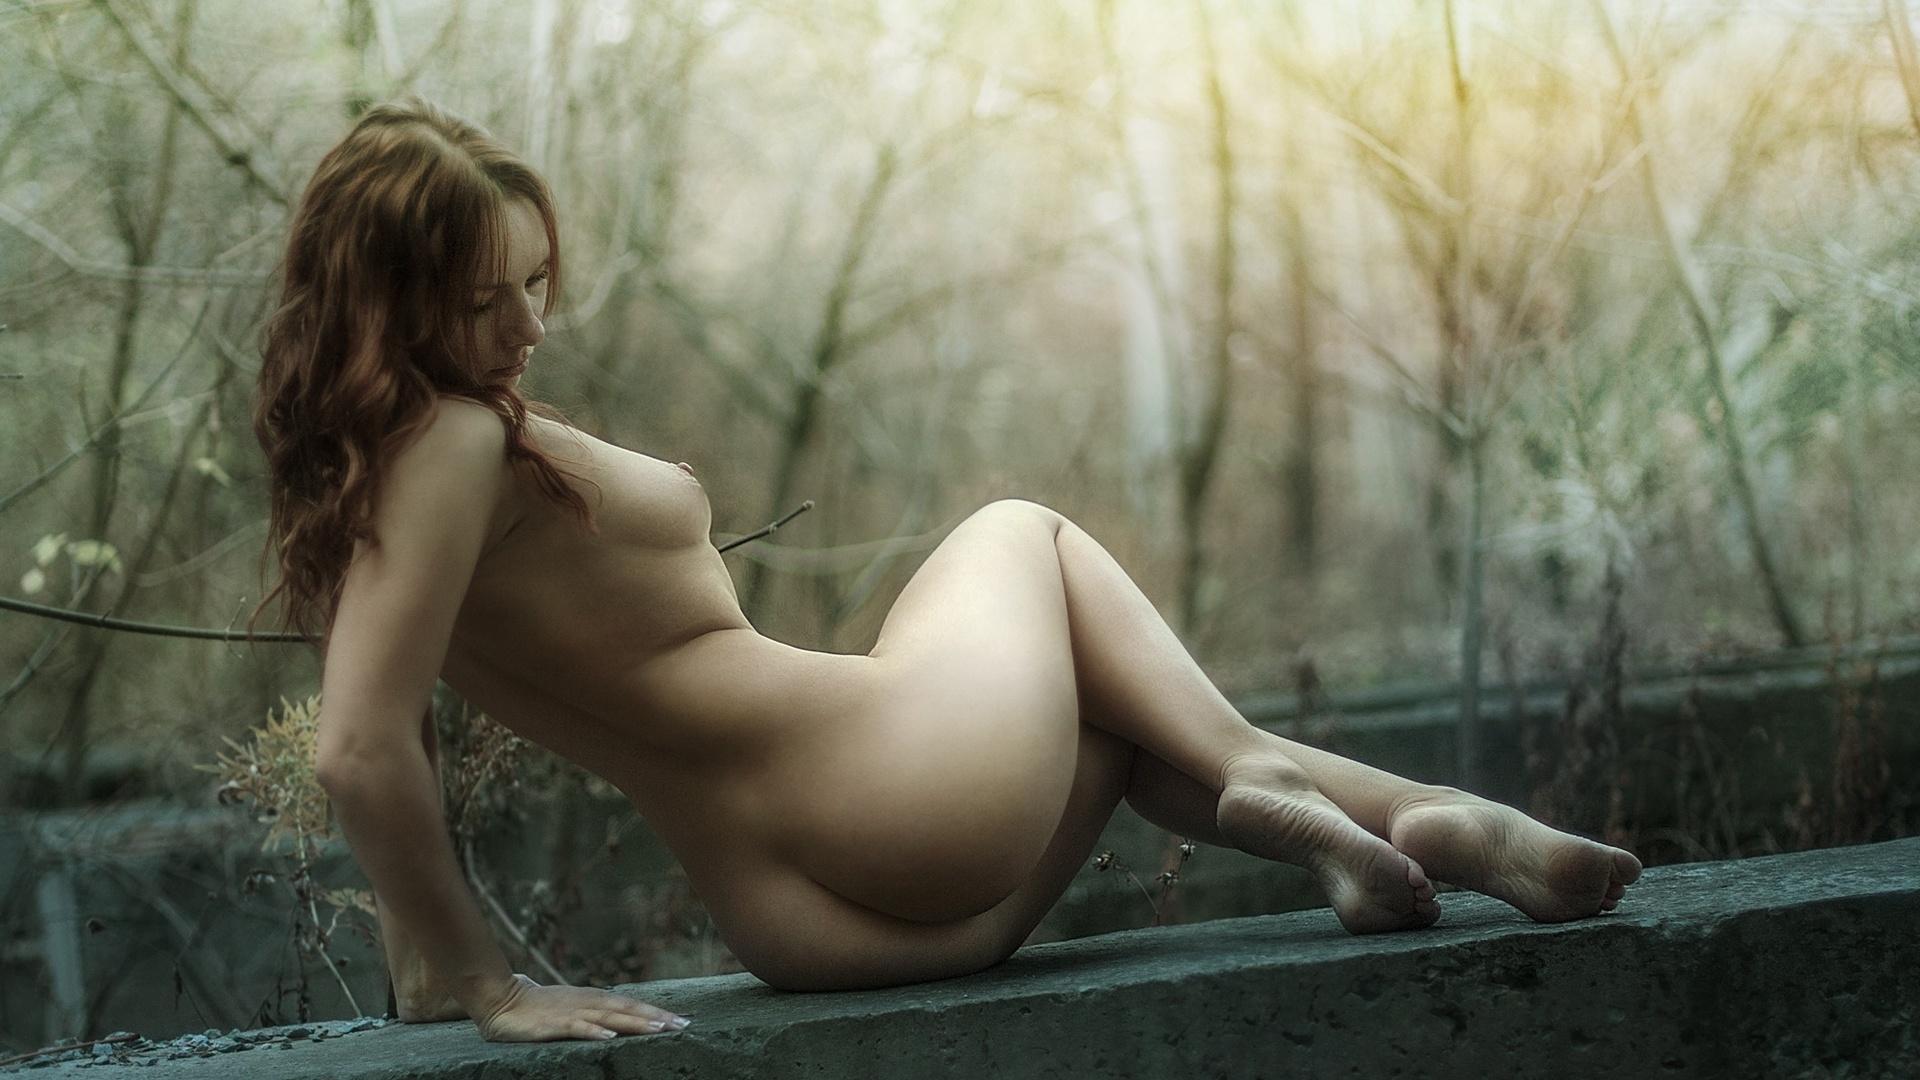 фото художественные девушек эротические плотненьких